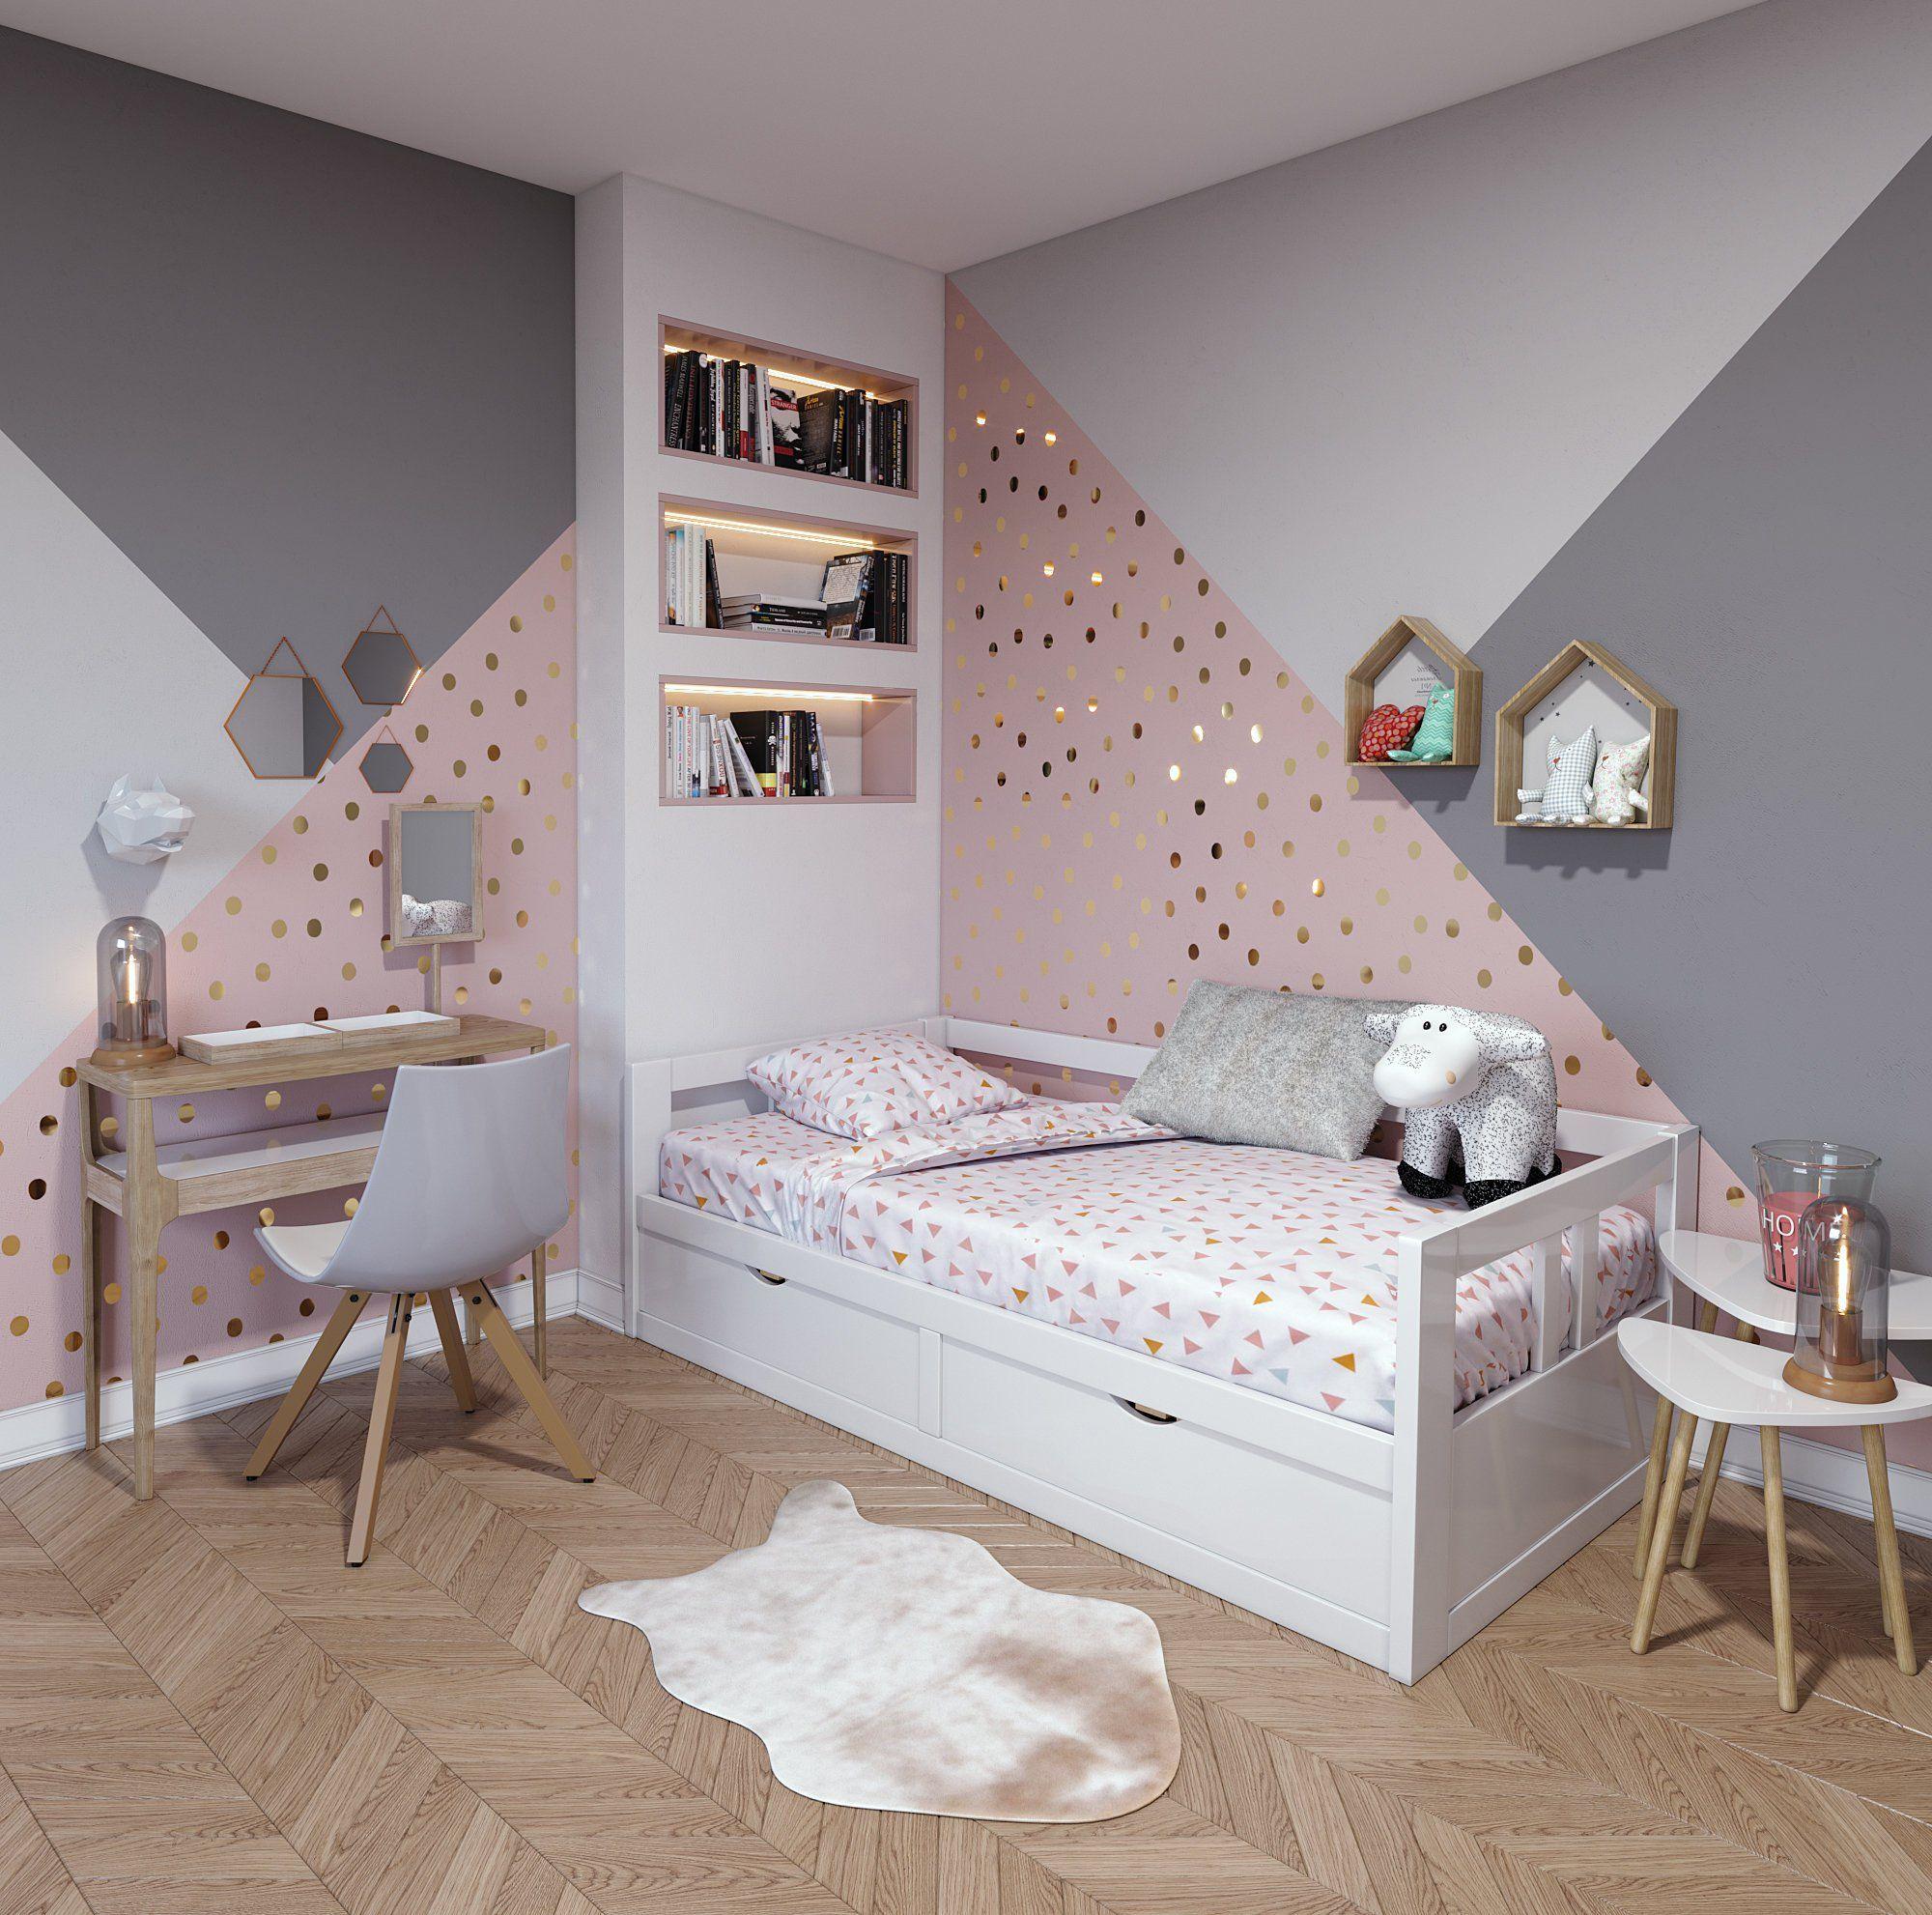 Chambre Gris Blanc Rose chambre d'enfant contemporaine rose blanche beige bois